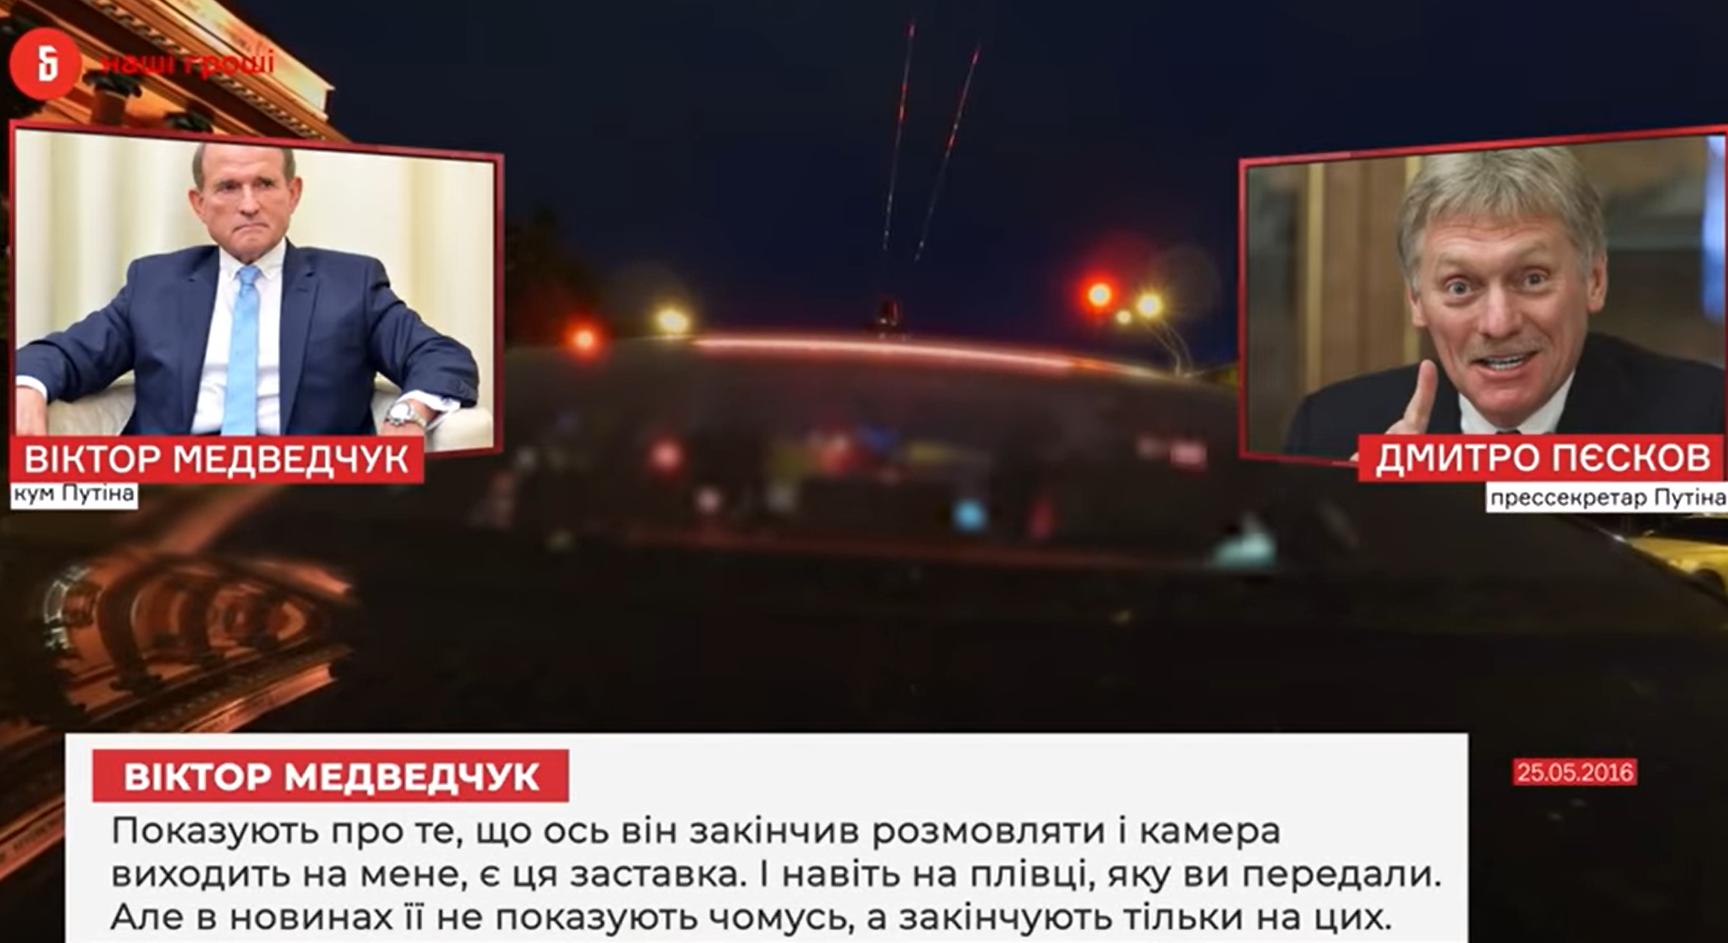 Розмова Медведчука і Пєскова